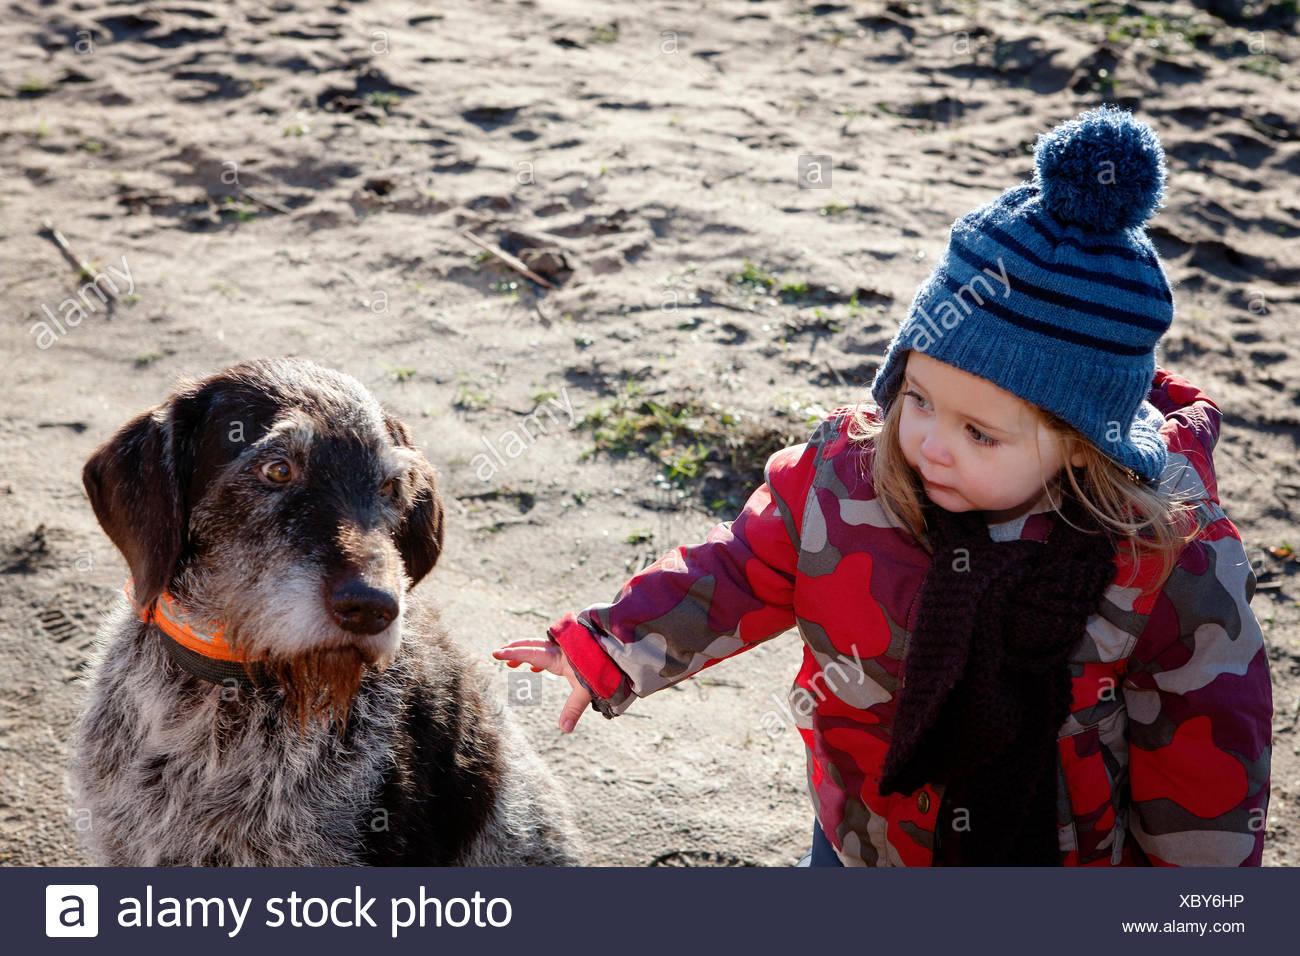 Junges Mädchen streicheln Hund Stockbild